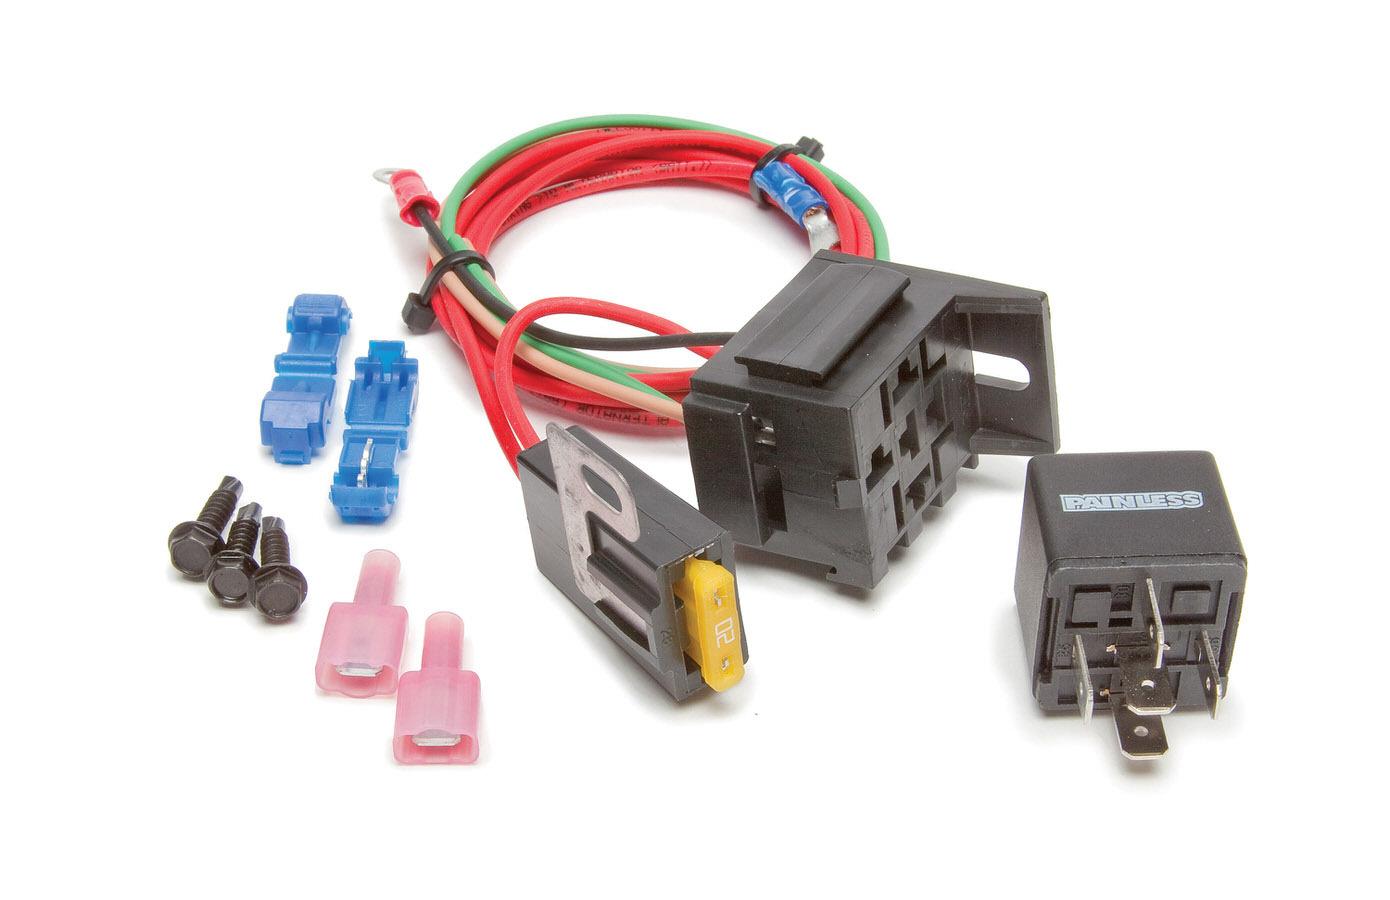 Painless Wiring 30802 High Beam Relay, Relay / Terminals / Wiring, GM Fullsize SUV / Truck 1988-98, Kit